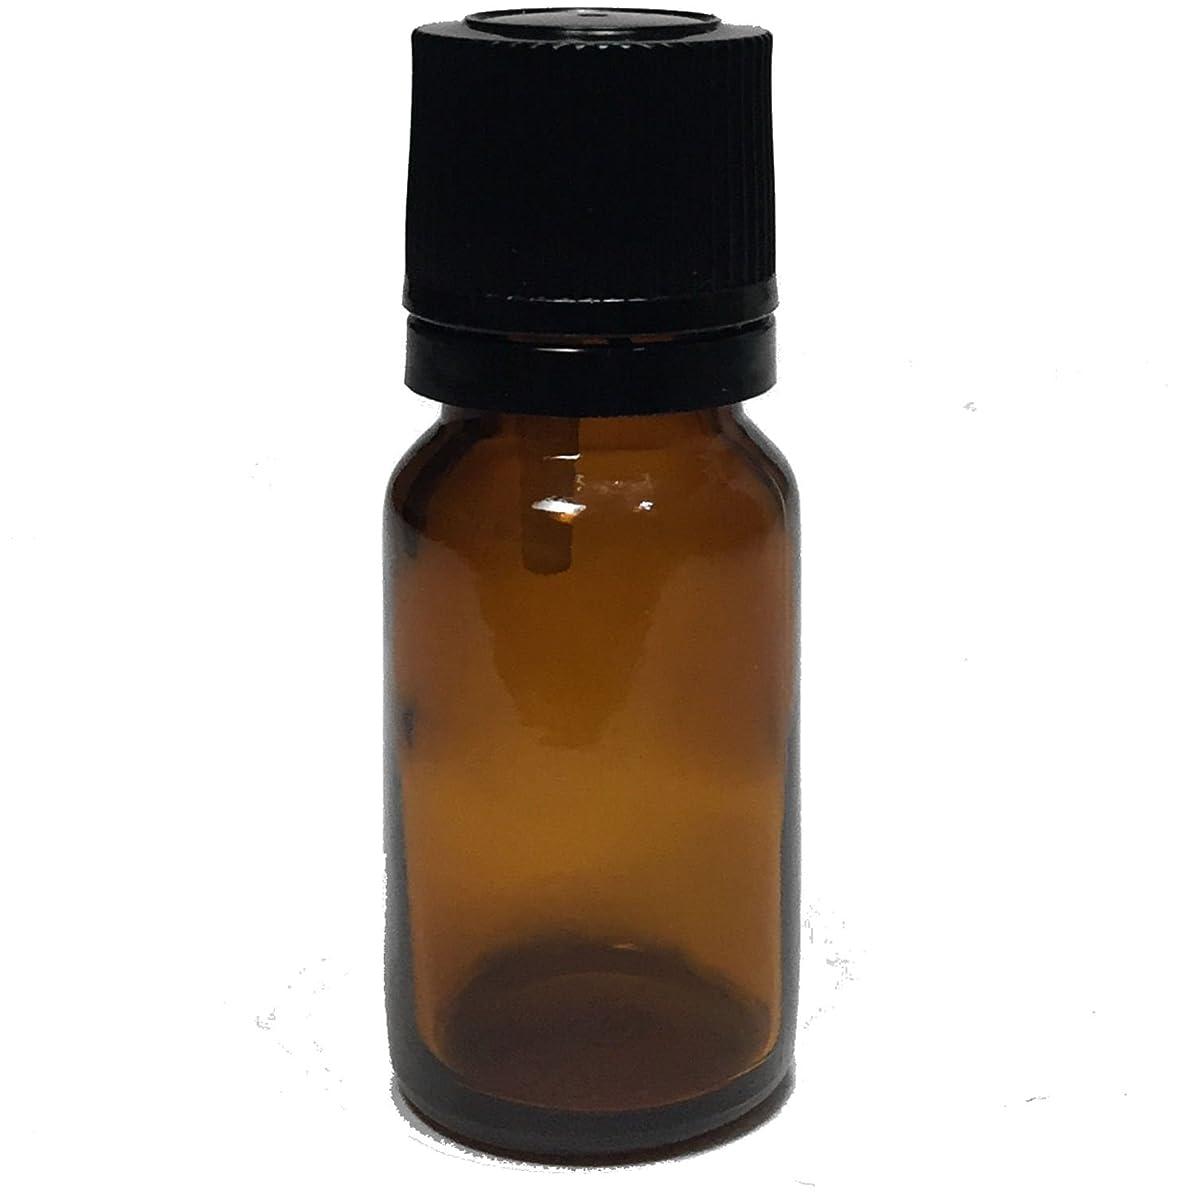 バラ色スカープ外交官エッセンシャルオイル用茶色遮光瓶 ドロッパー付き 黒キャップ 10ml ガラスビン 10本セット